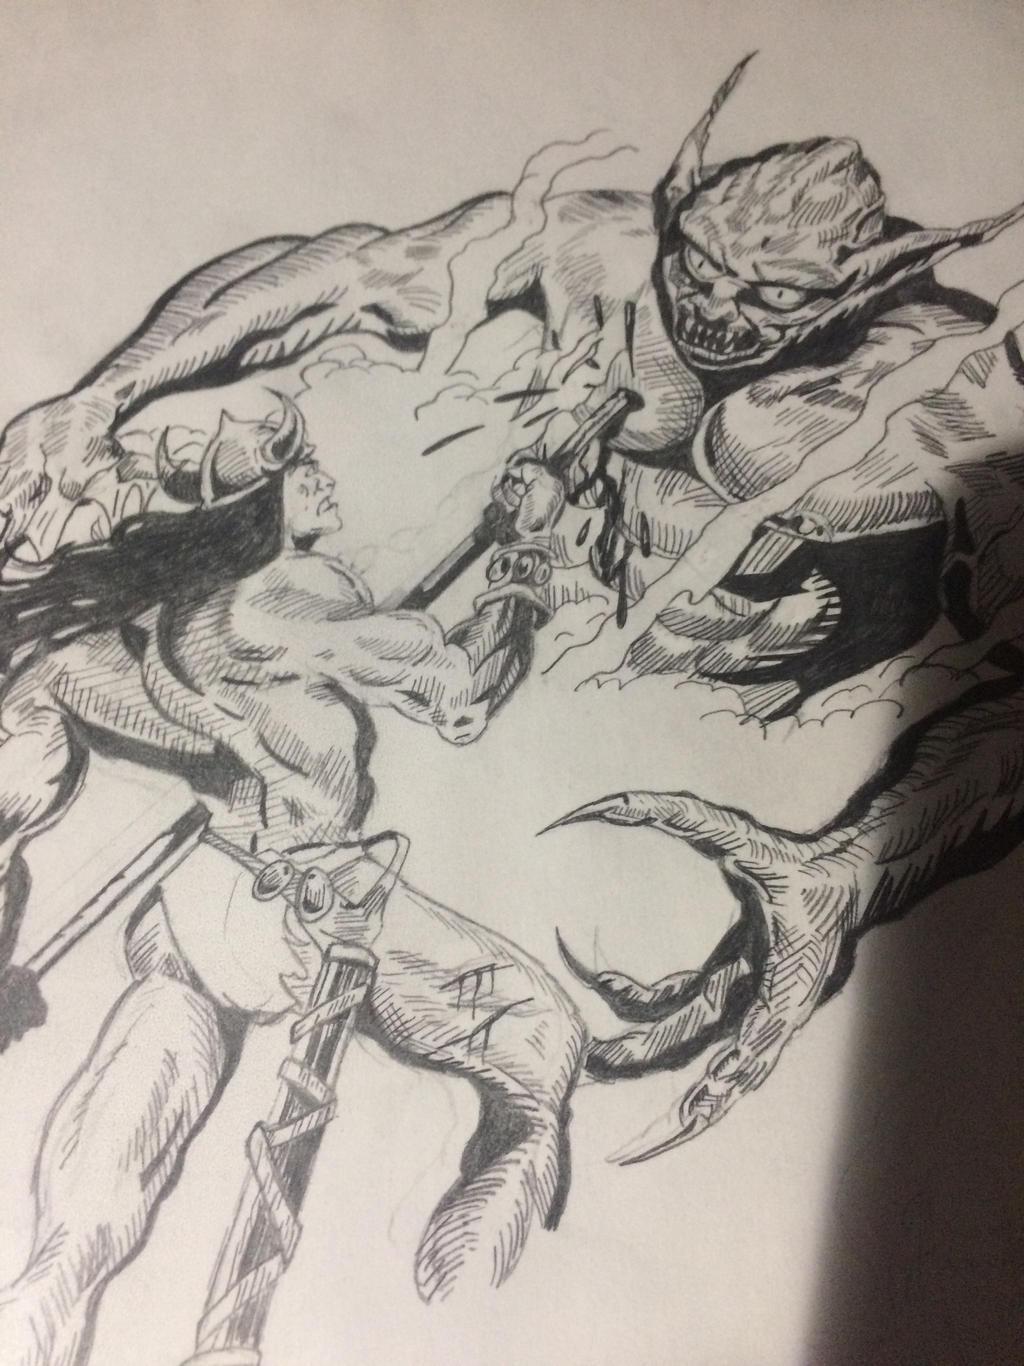 Conan spears Demon